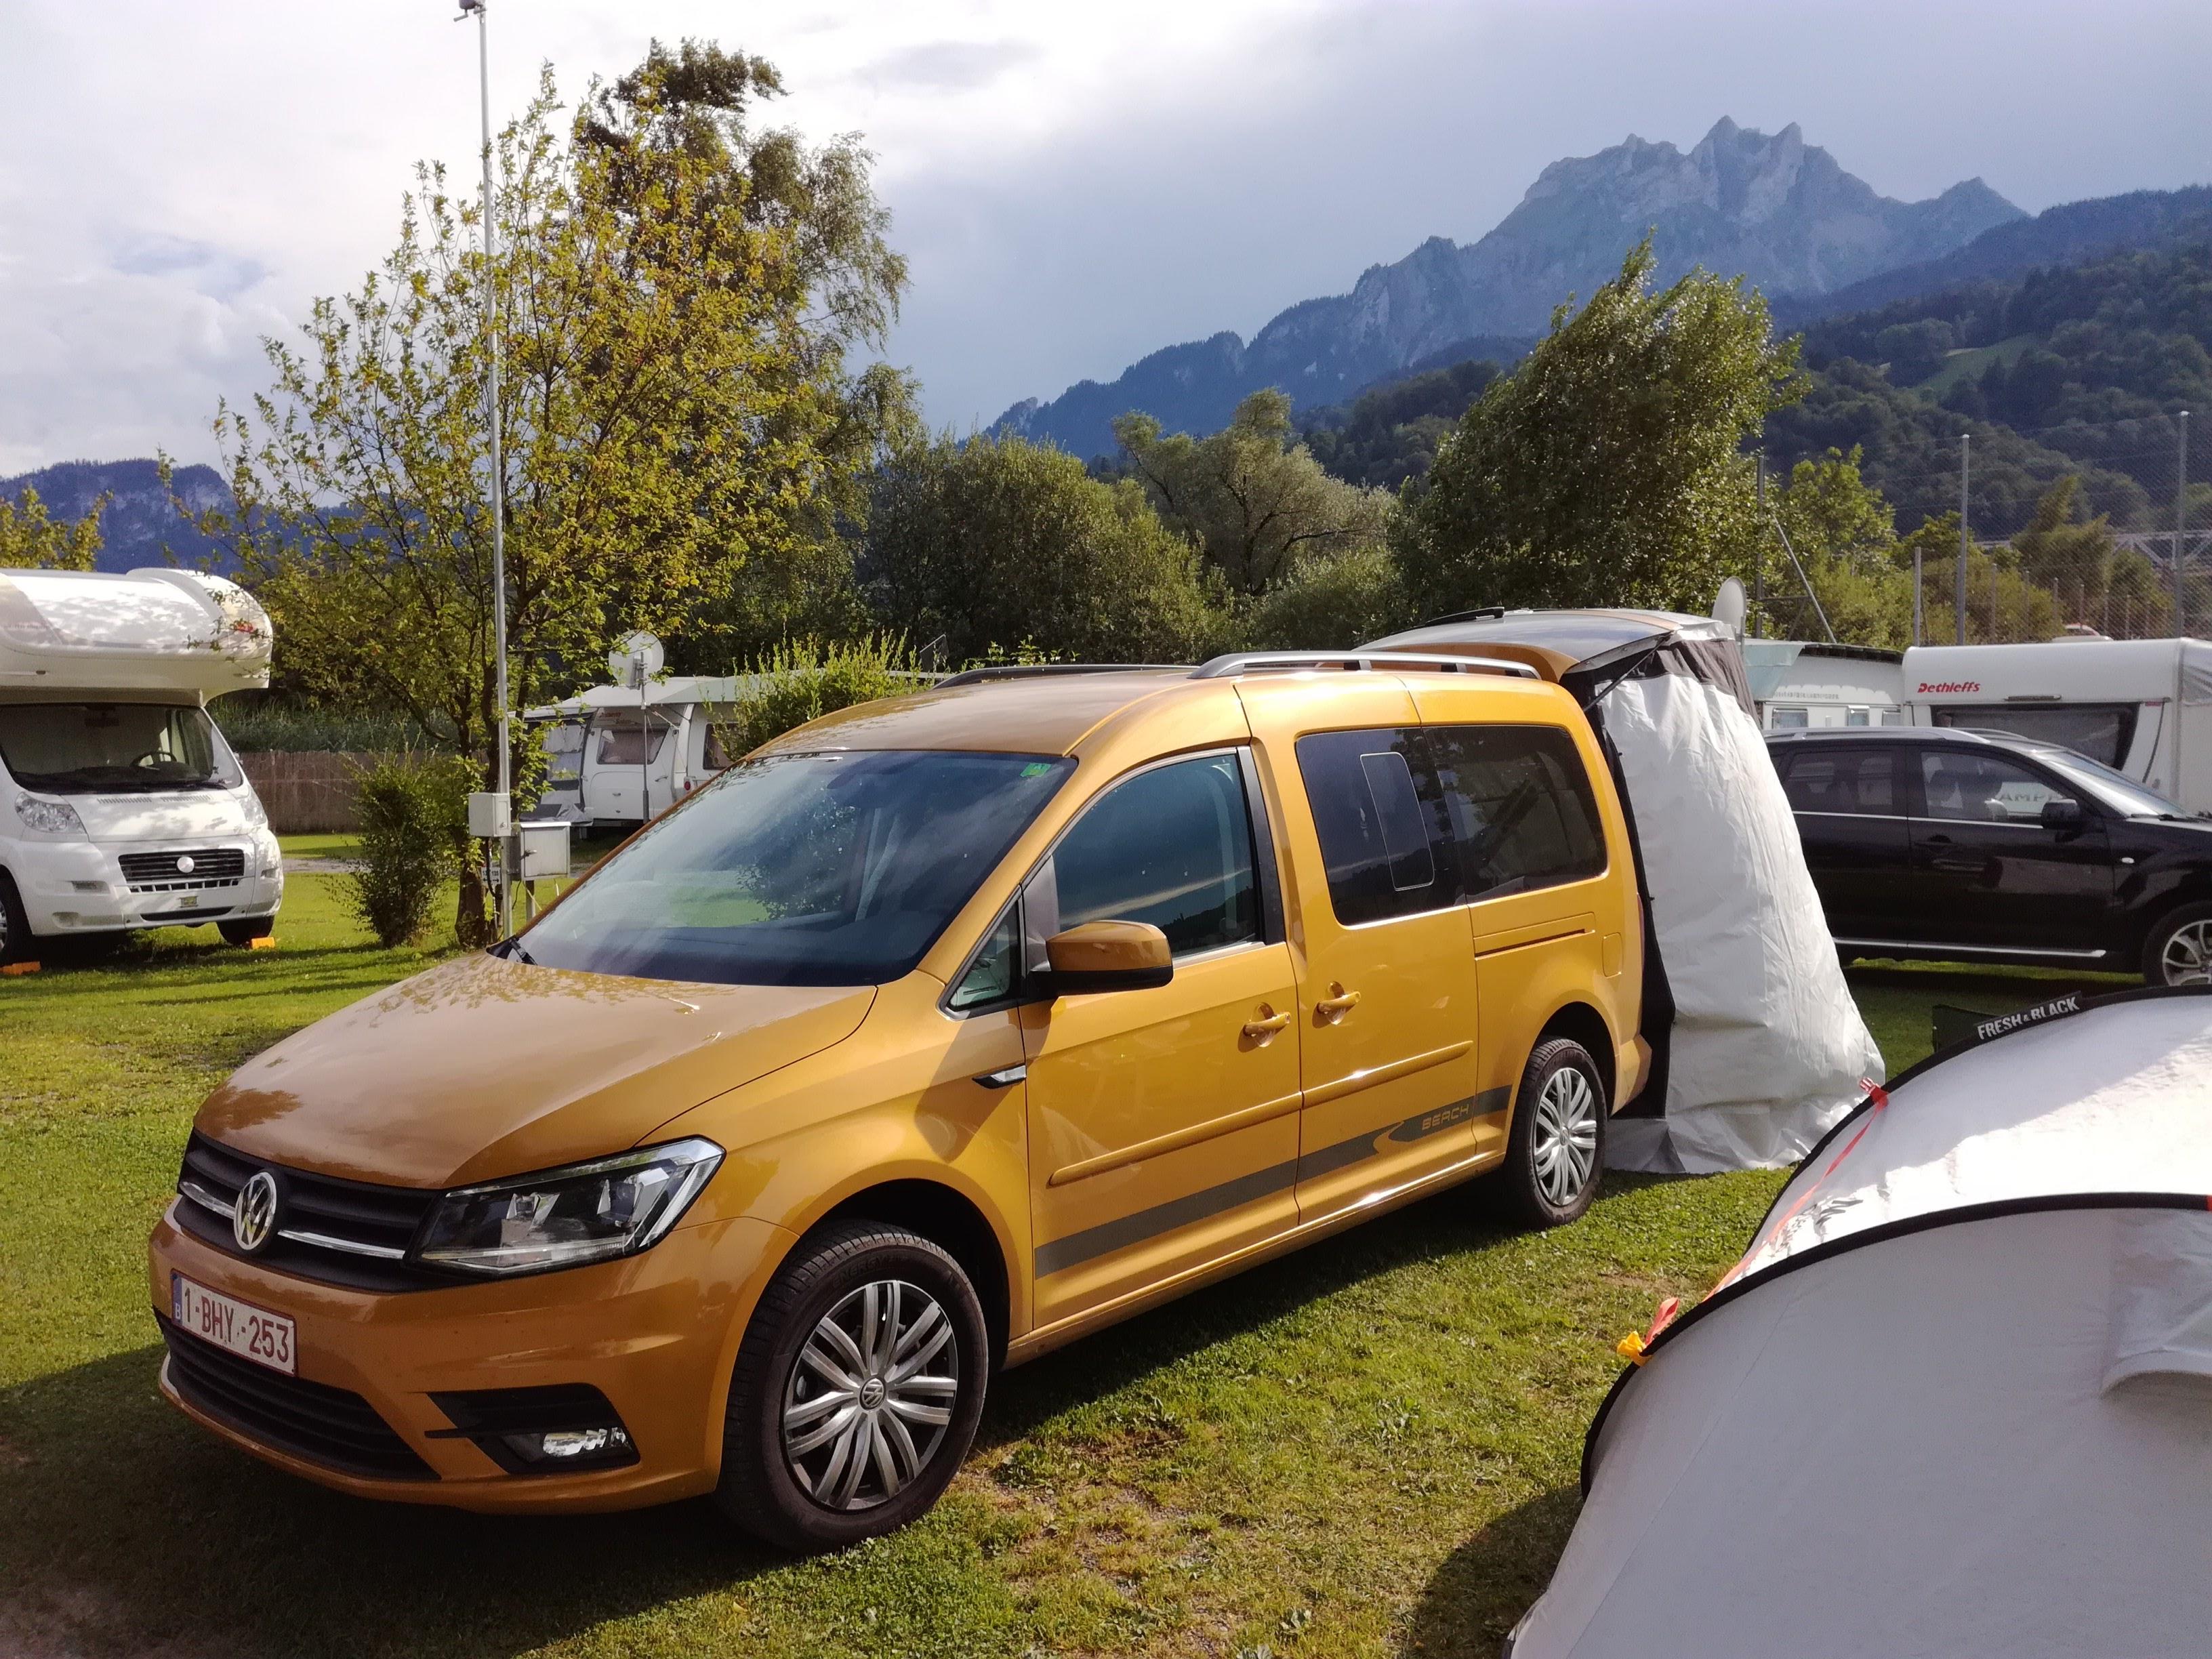 La voiture jaune à Lucerne